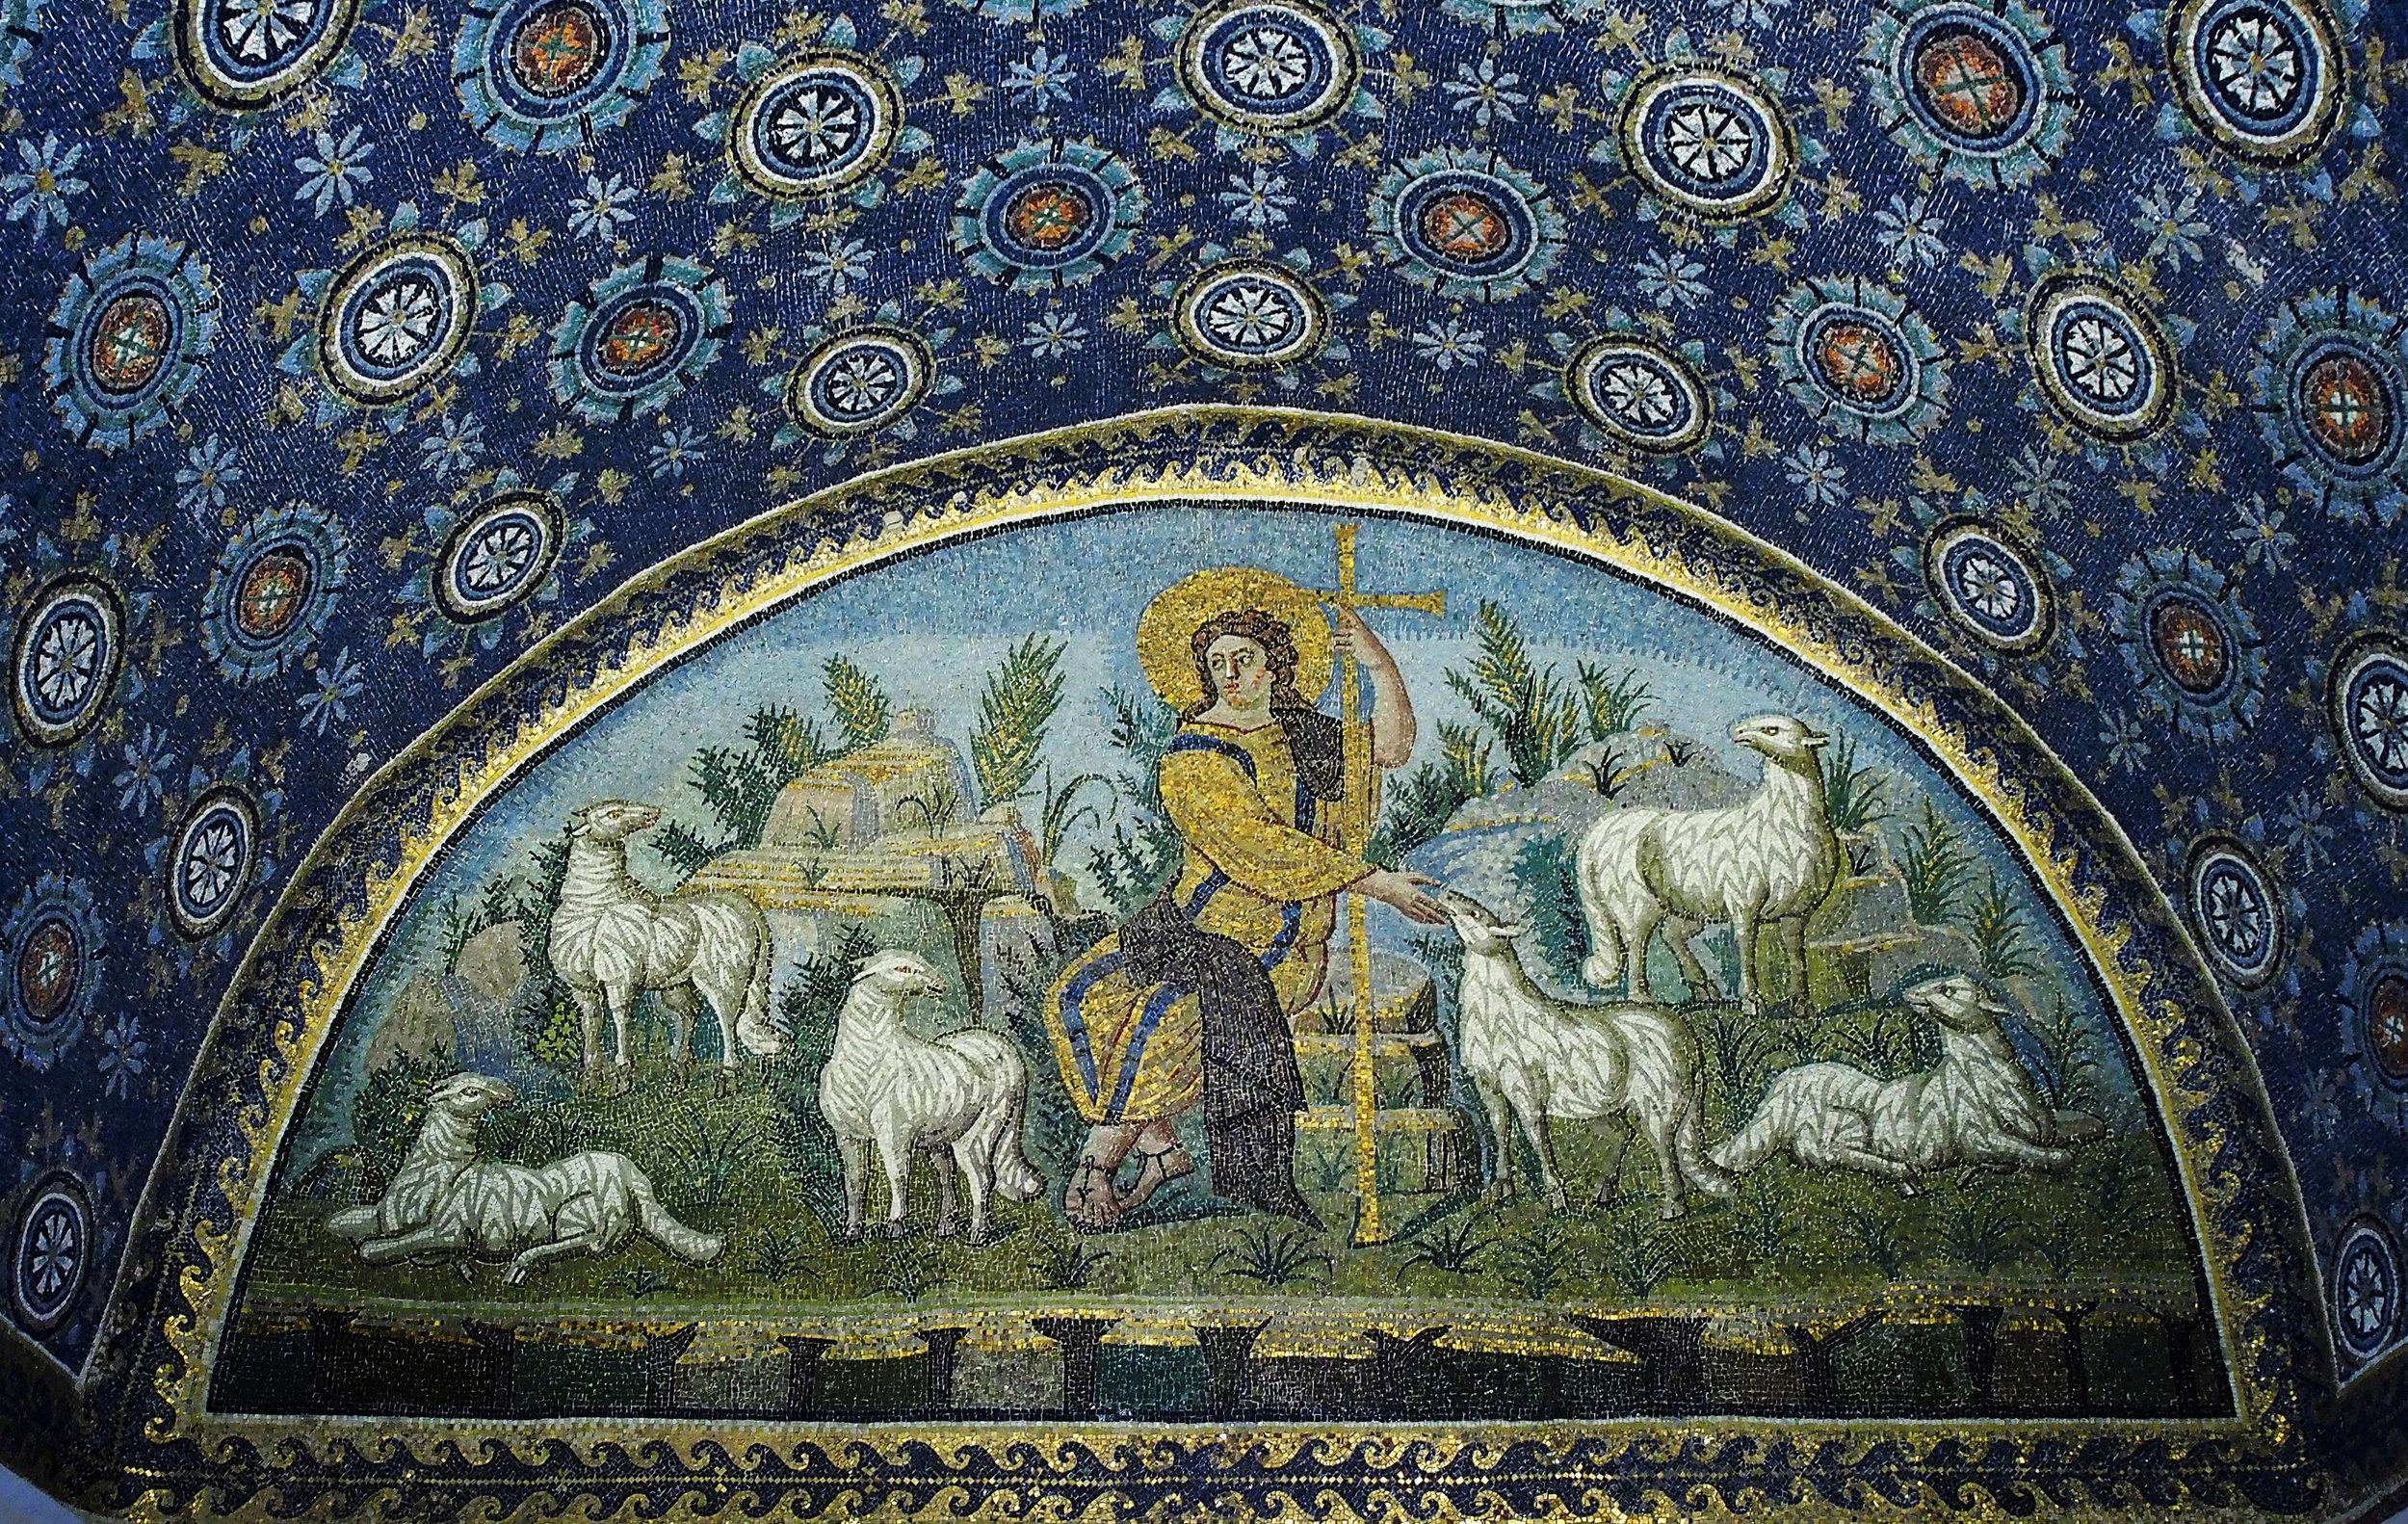 Jesus as the Good Shepherd By Petar Milošević - via Wikimedia Commons